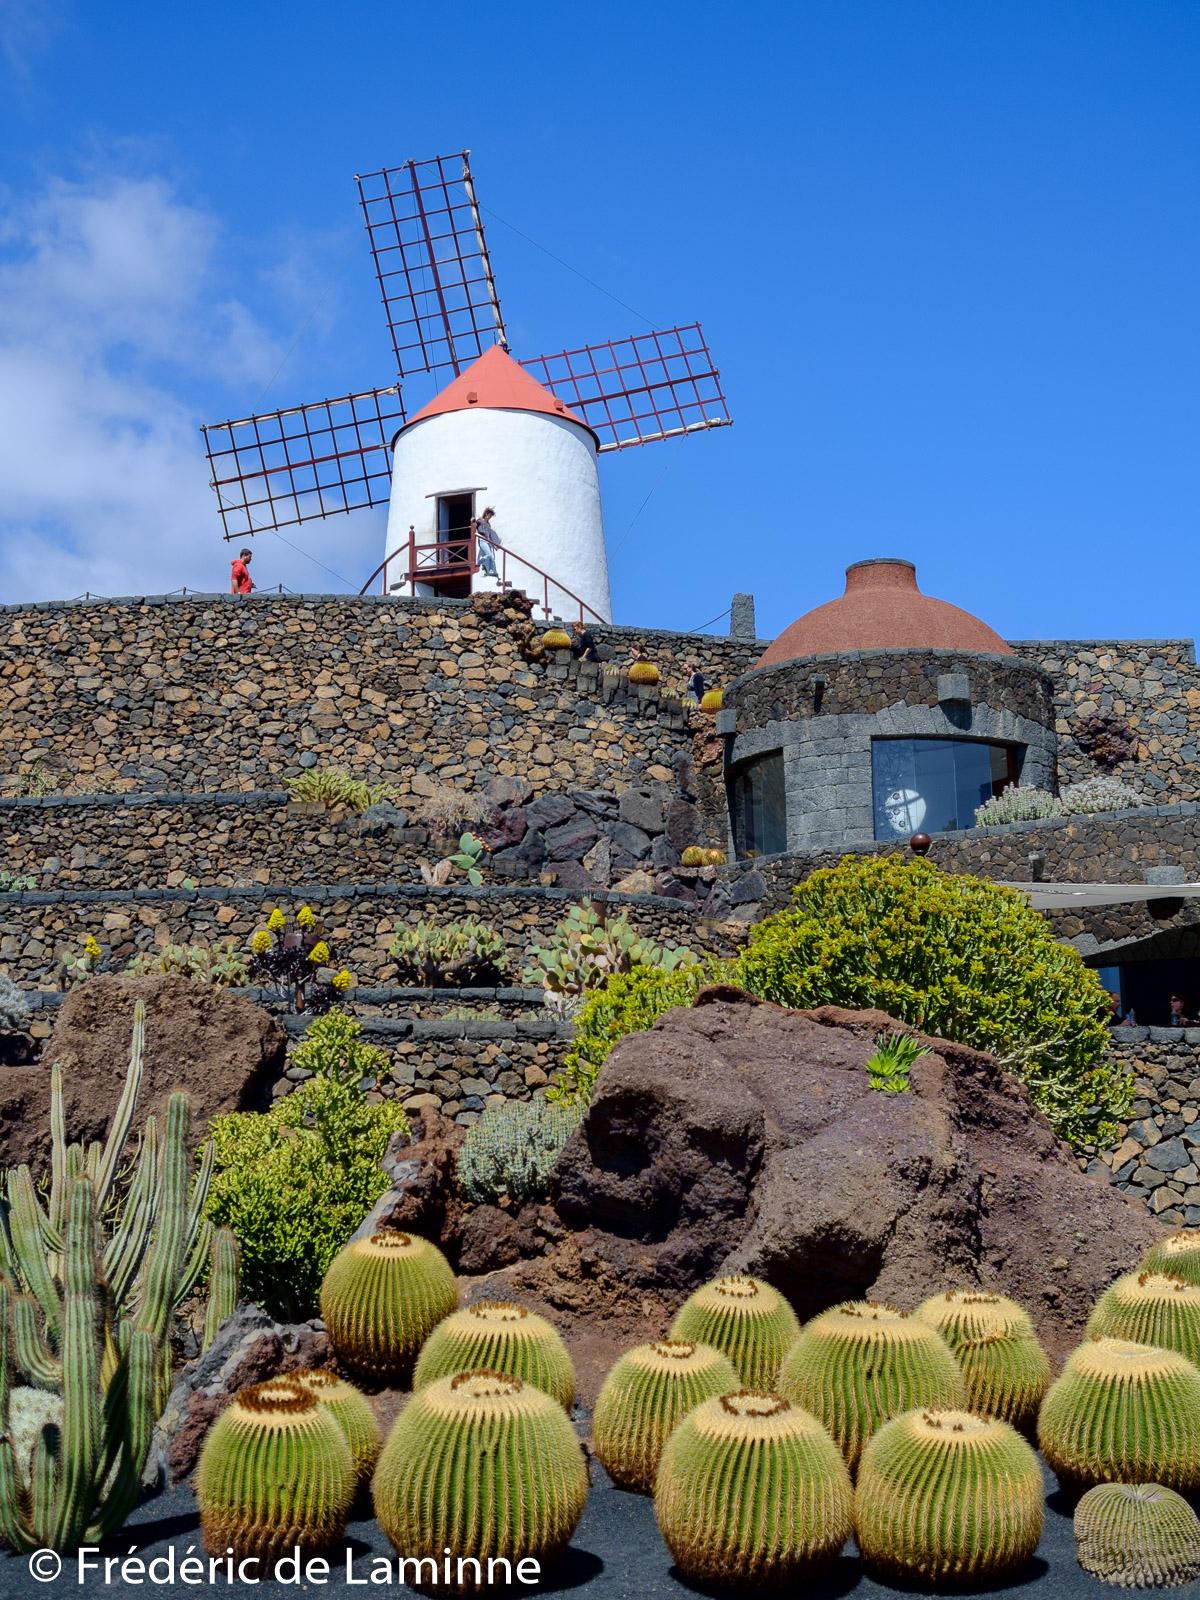 Le Jardin De Cactus - Salut Lanzarote pour Moulin A Vent Pour Jardin